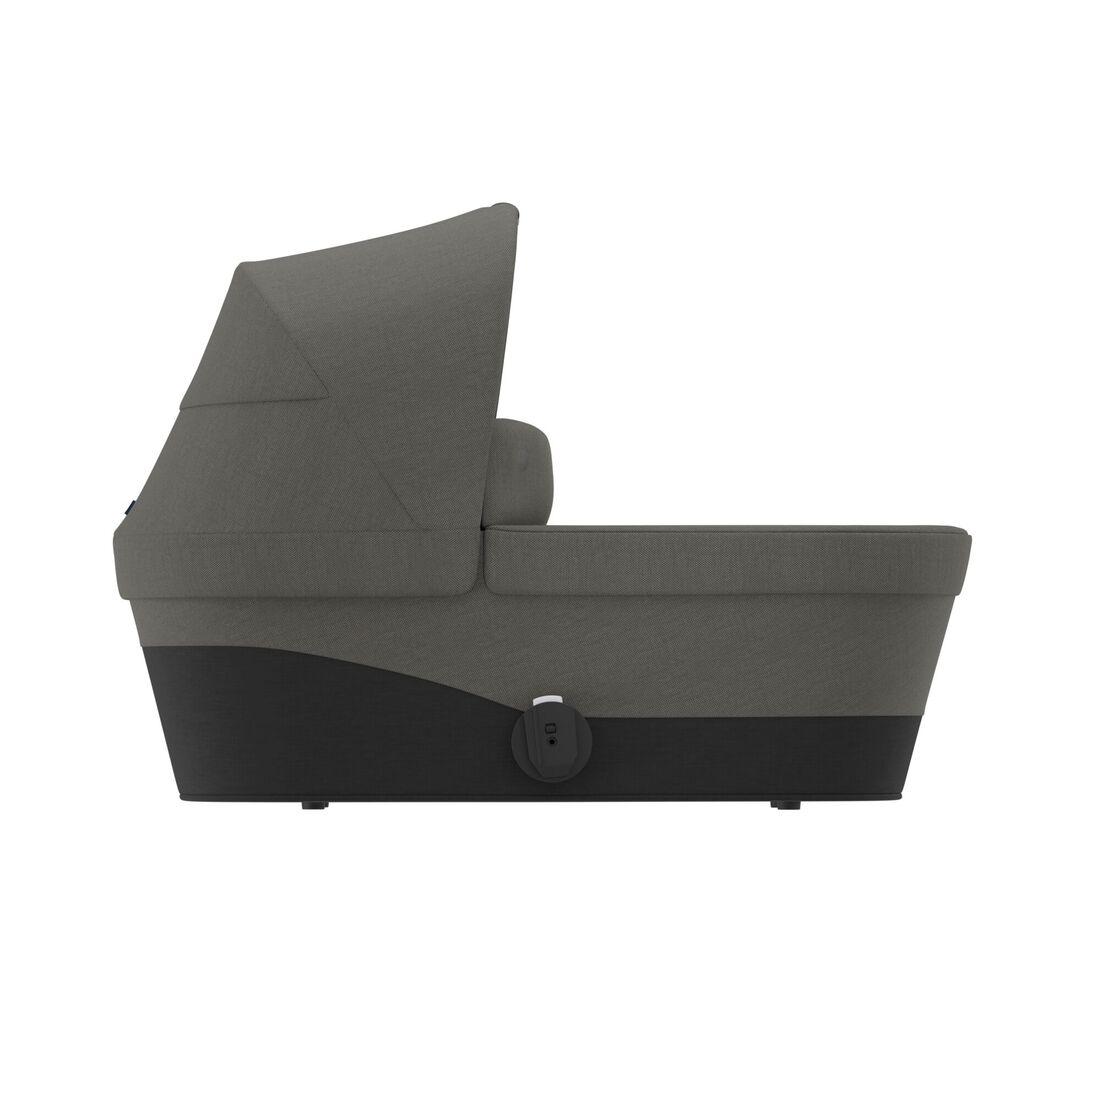 CYBEX Gazelle S Cot - Soho Grey in Soho Grey large image number 3